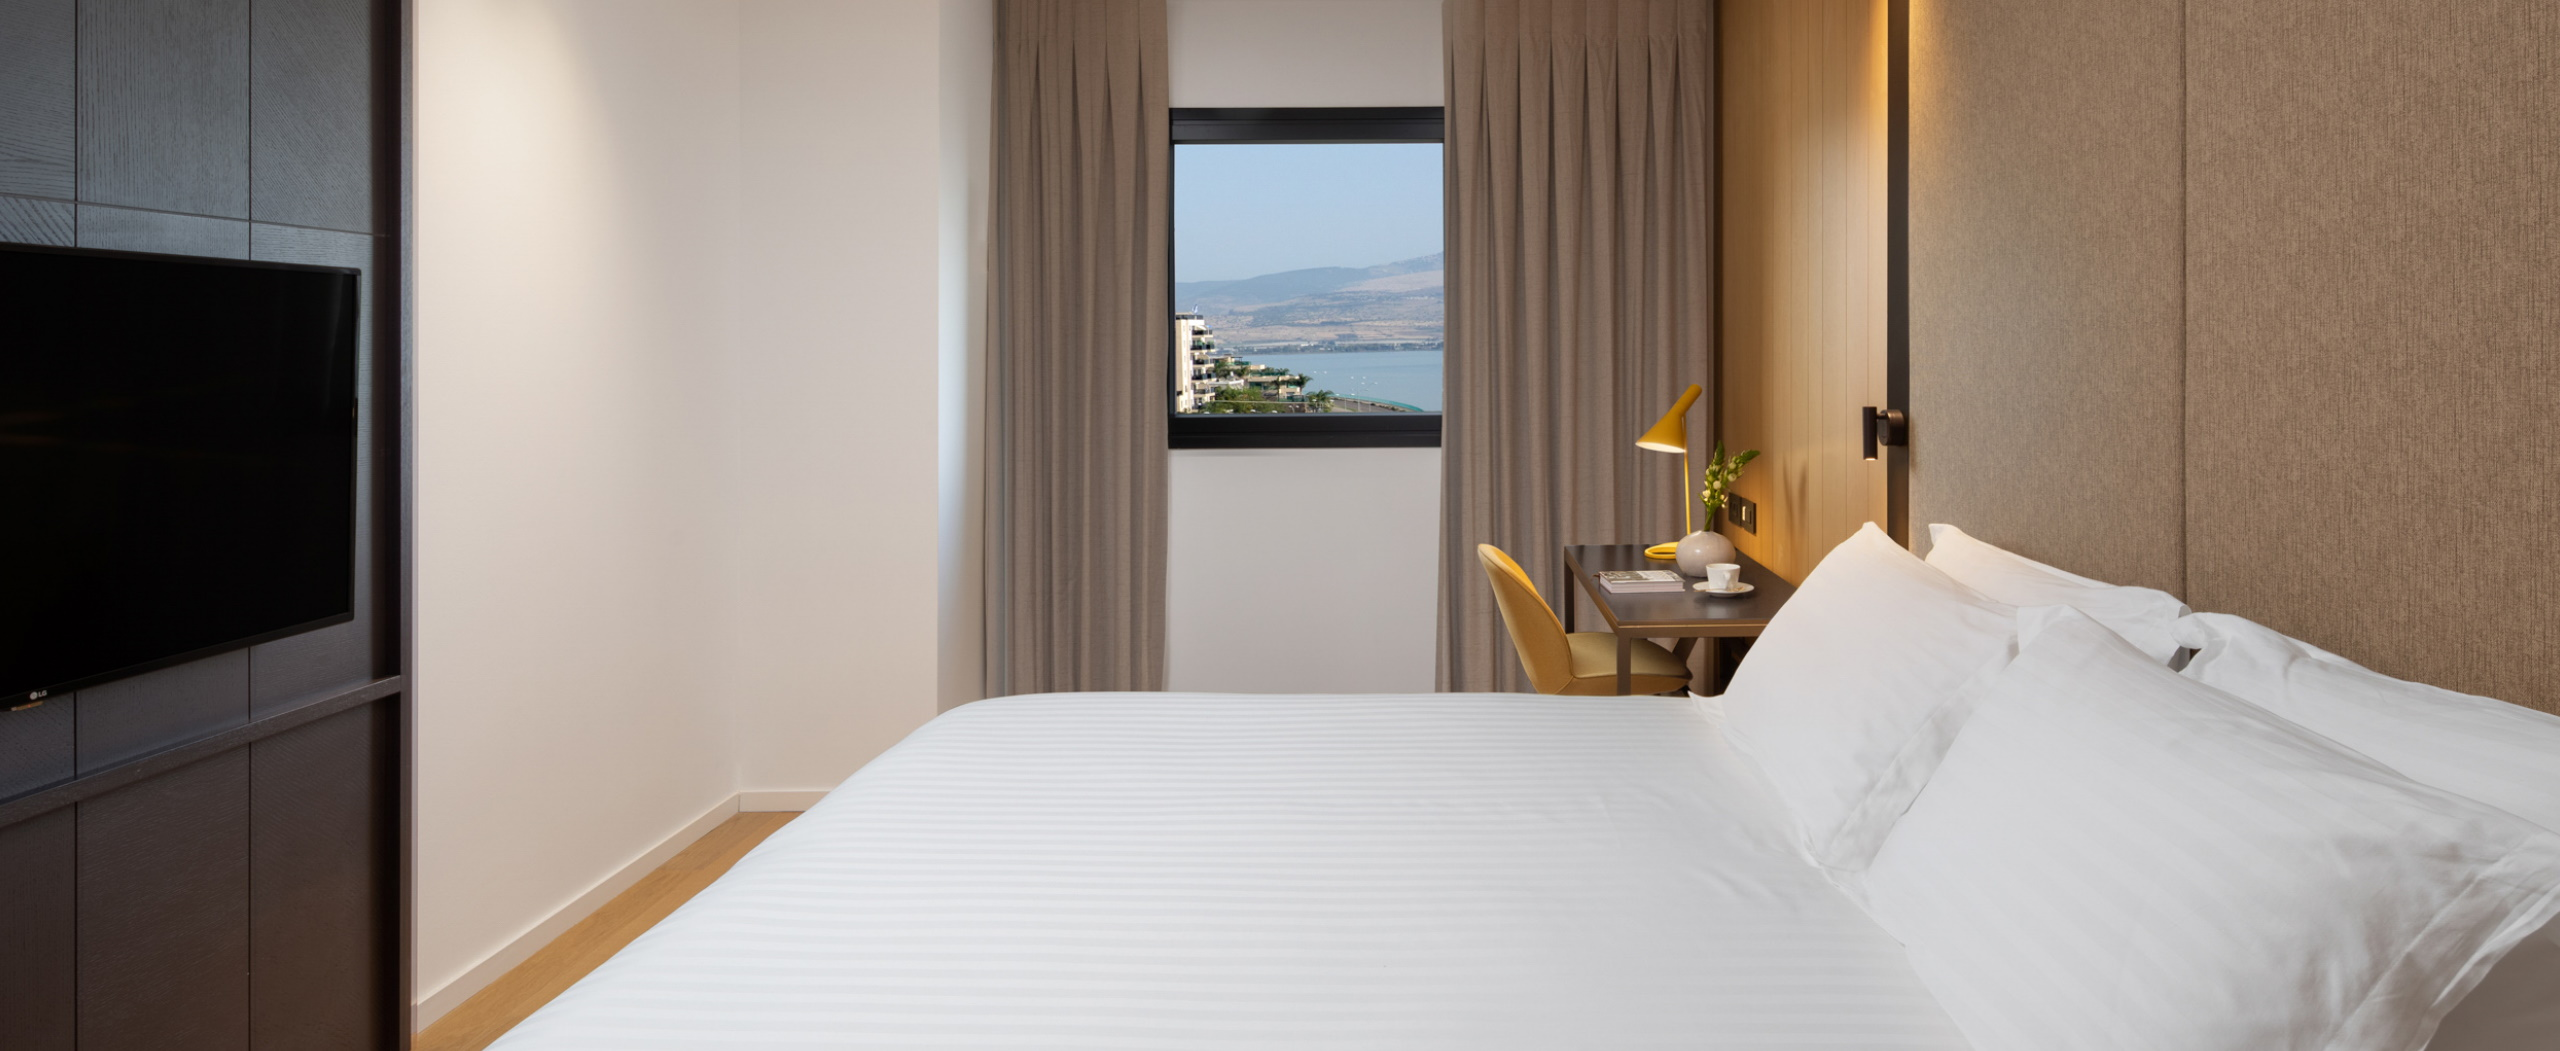 חדר אקונומי - מלון סופיה כנרת טבריה